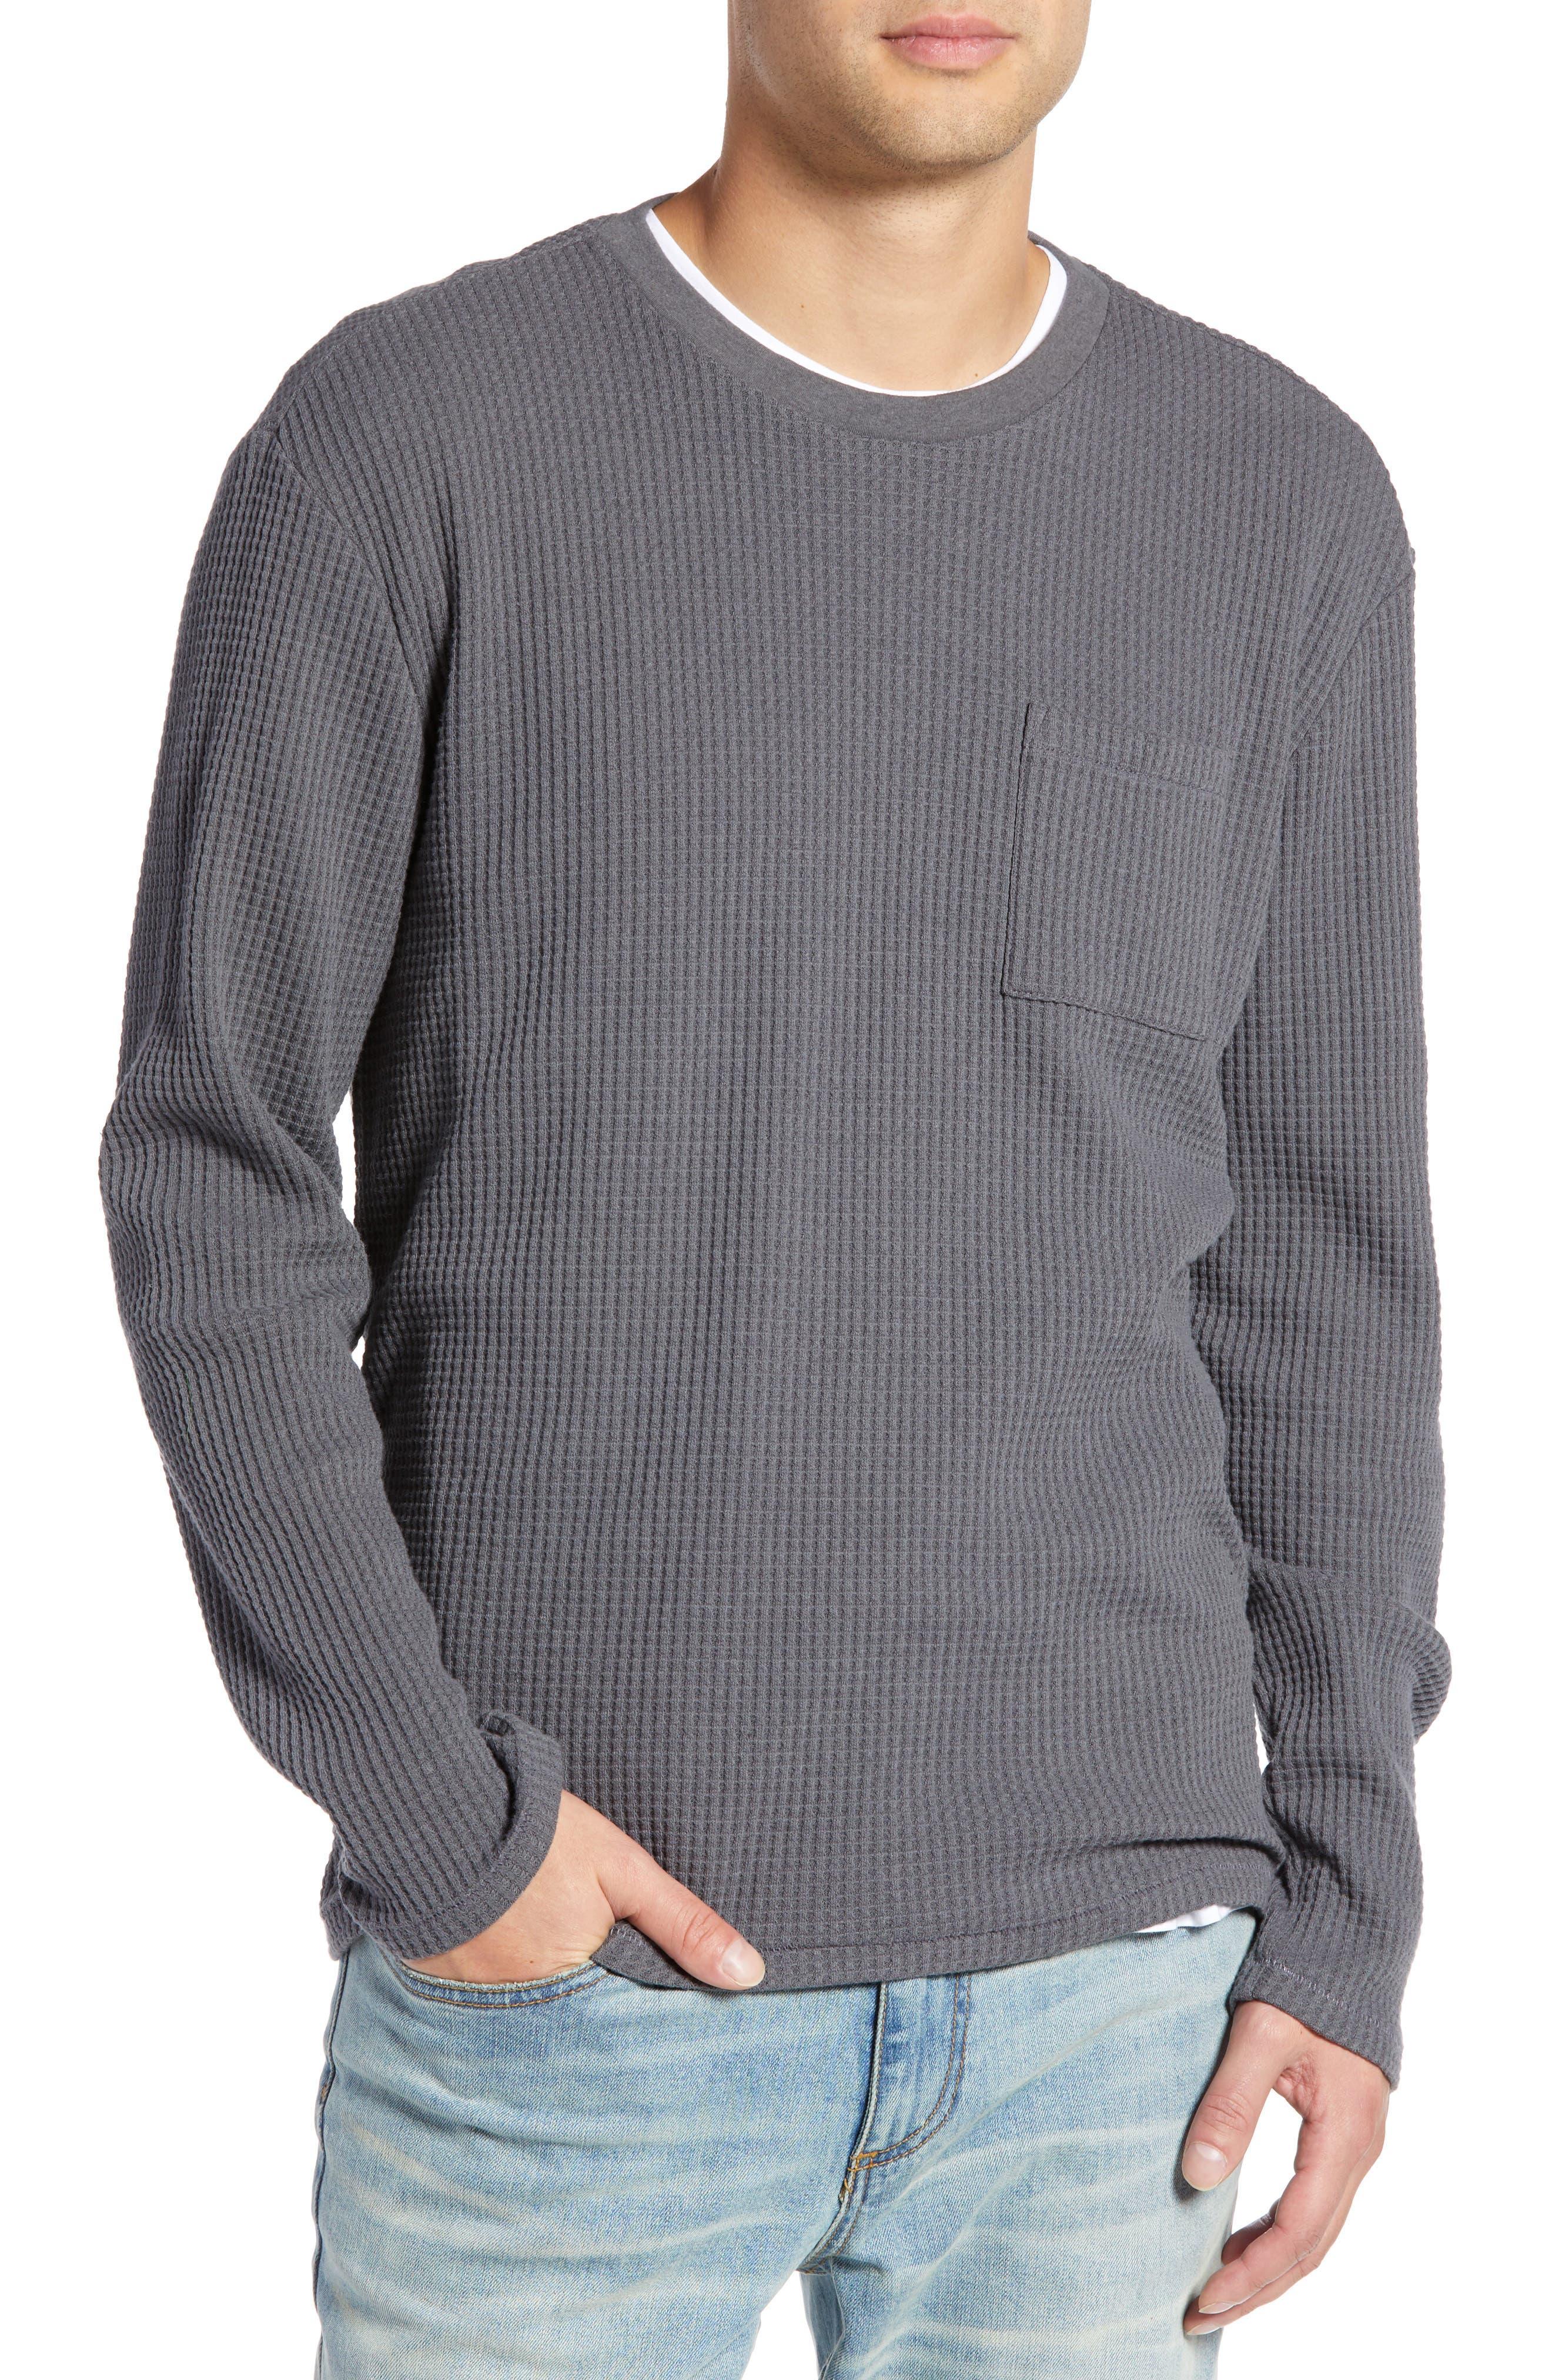 Regular Fit Thermal T-Shirt,                         Main,                         color, GREY TORNADO